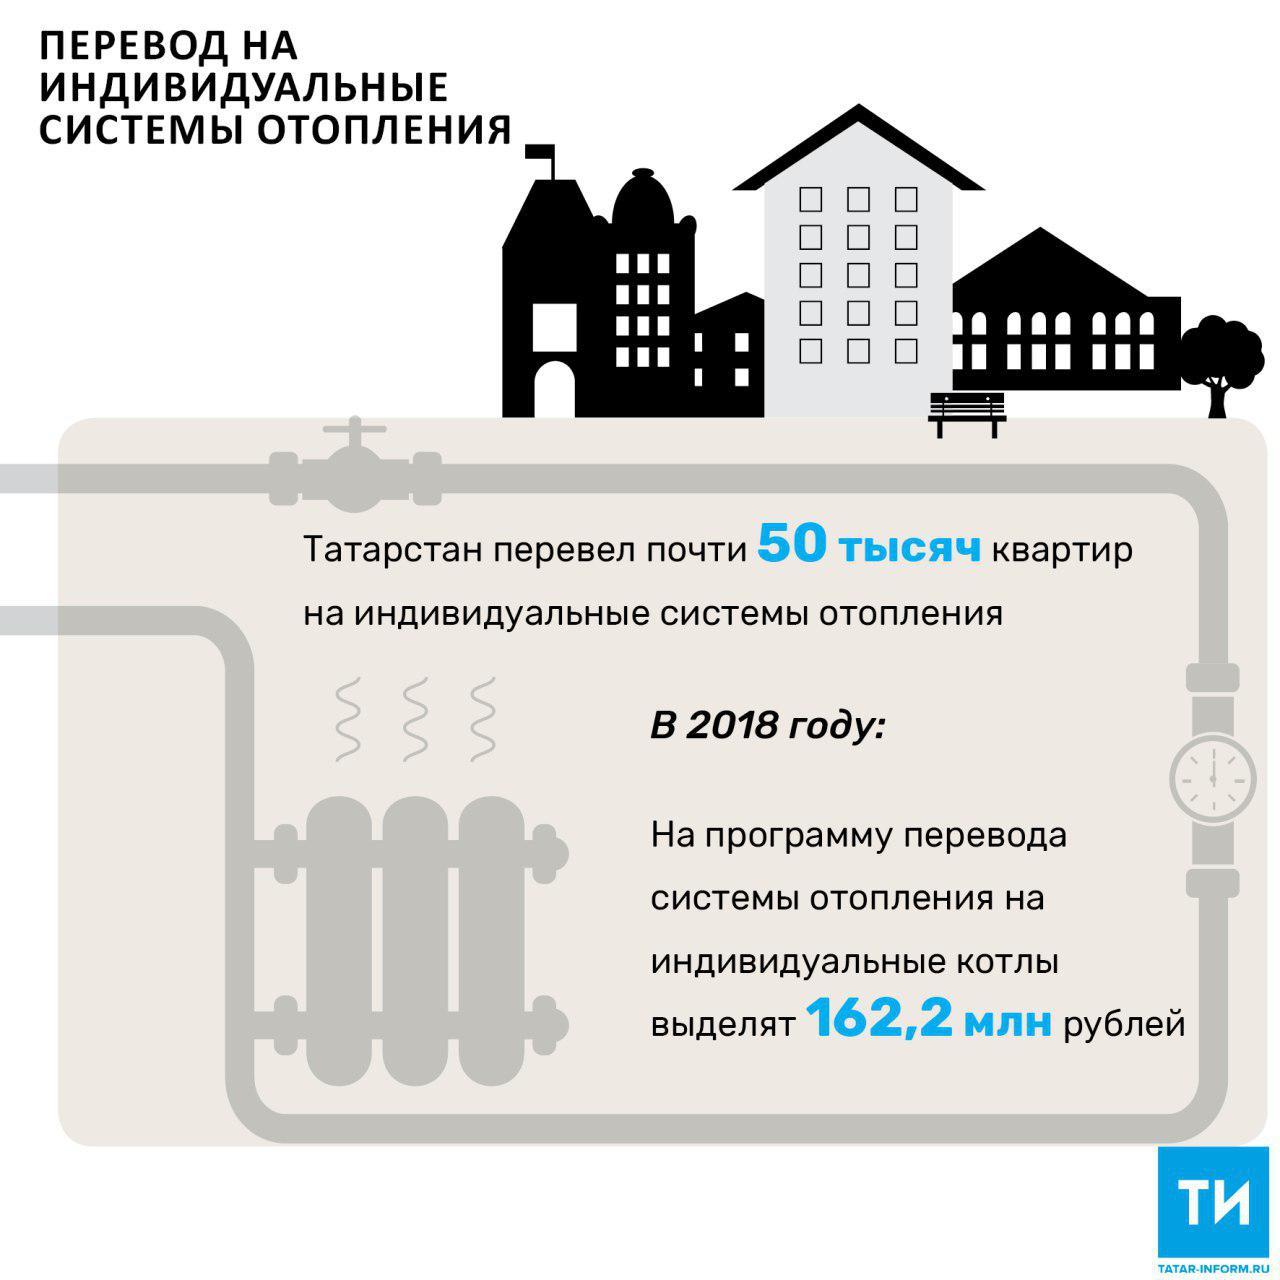 Татарстан перевел почти 50 тысяч квартир на индивидуальные системы отопления